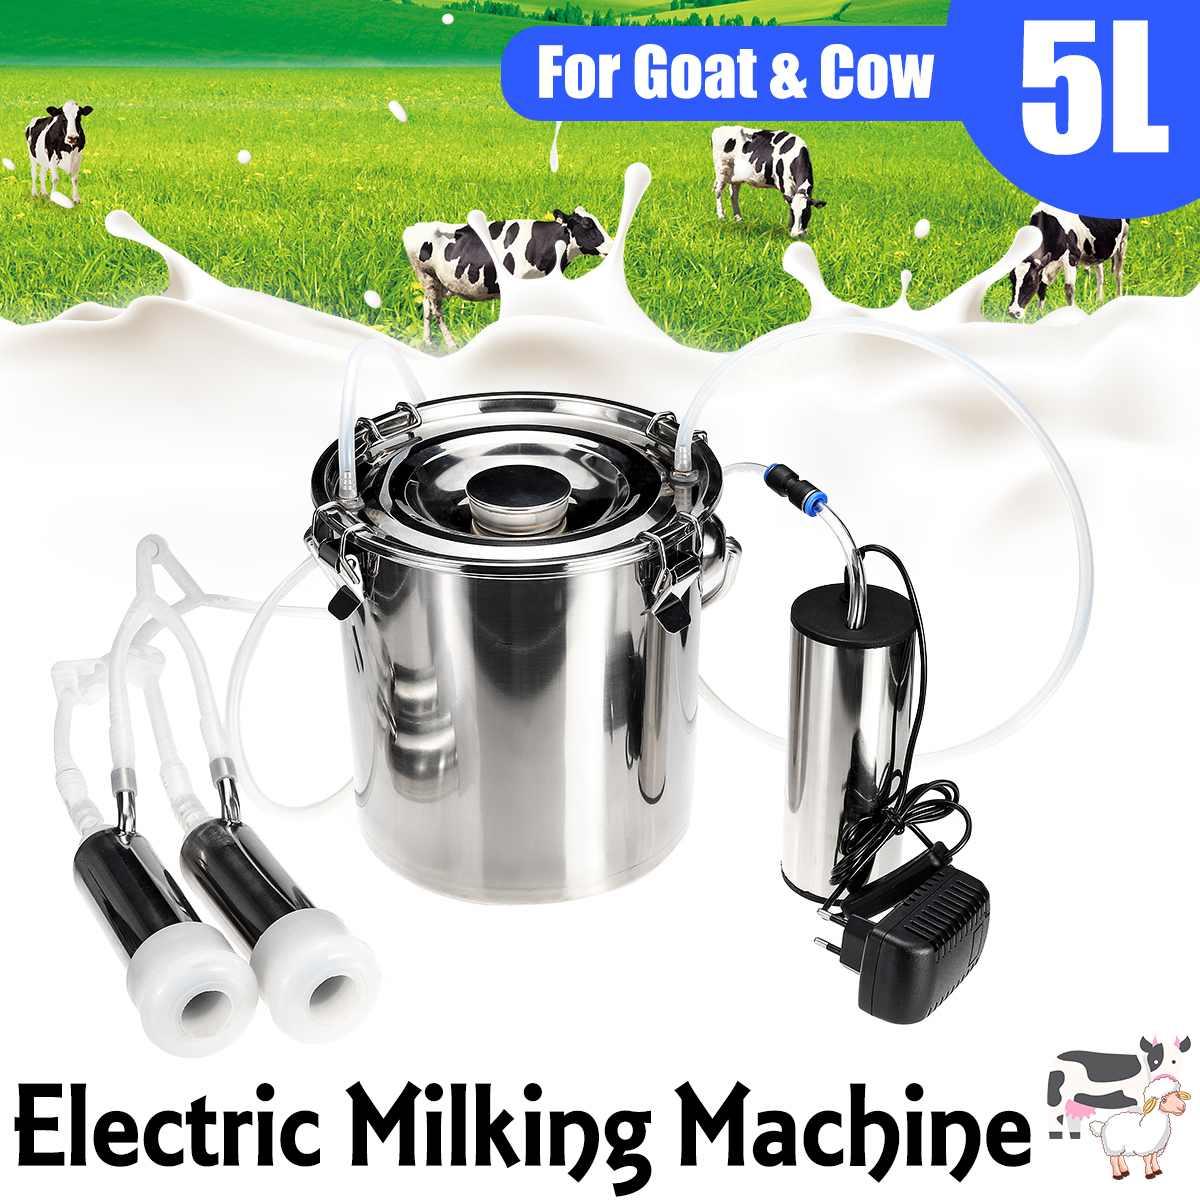 5L versión mejorada eléctrica vaca cabra oveja ordeño máquina doble bomba de vacío Cubo de acero inoxidable 220V máquinas de ordeño